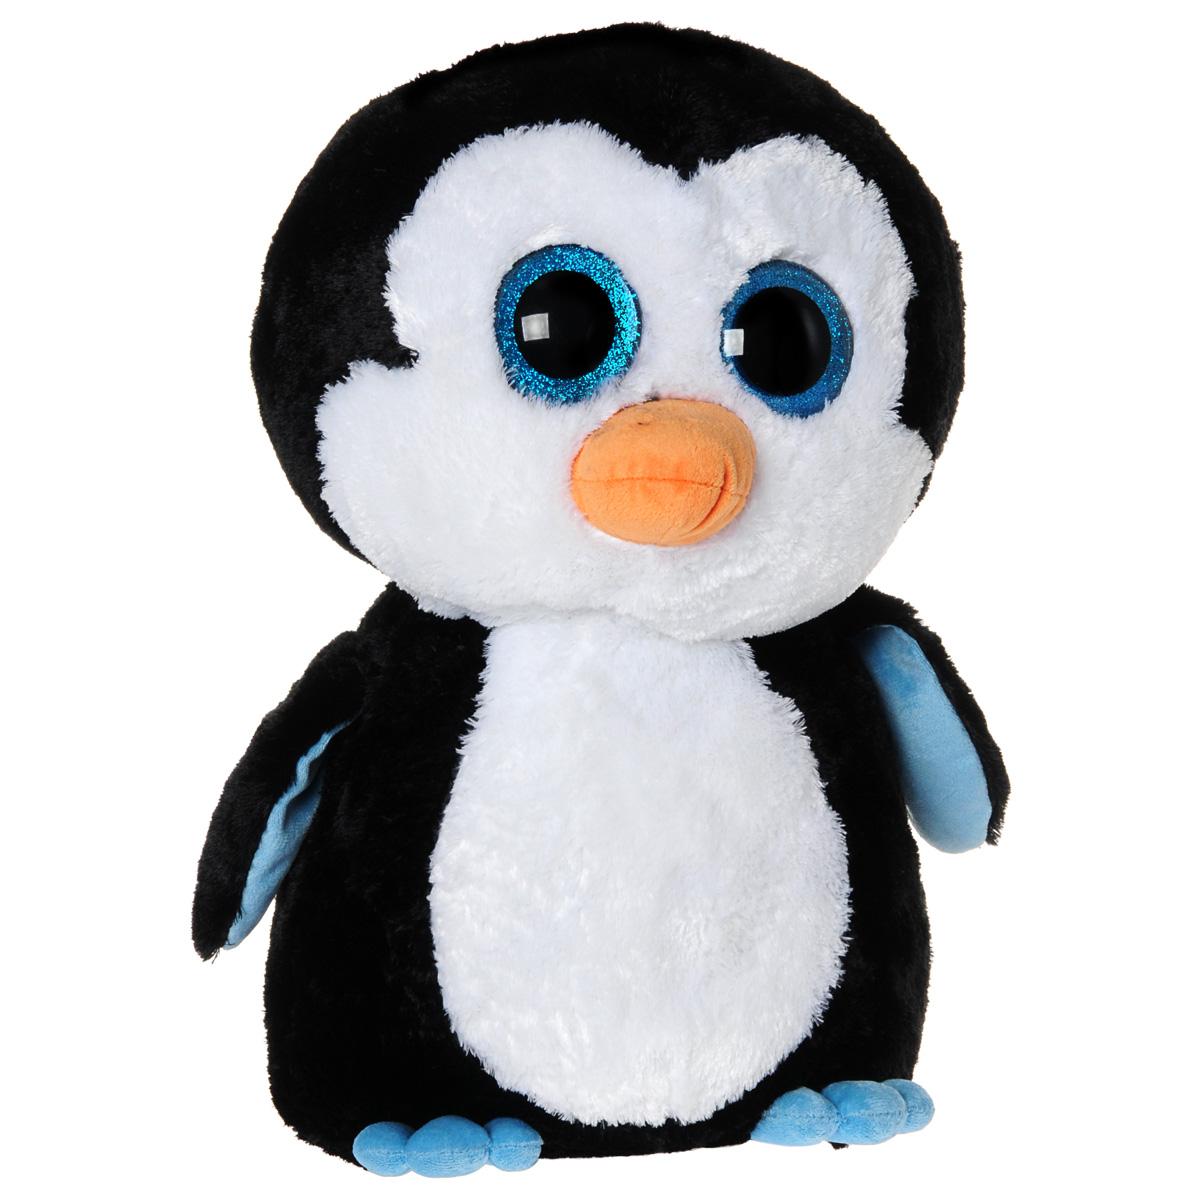 Мягкая игрушка Beanie Boos Пингвин Waddles, 47 см36803Очаровательная мягкая игрушка Beanie Boos Пингвин Waddles, выполненная в виде милого пингвина, непременно вызовет улыбку и симпатию и у детей, и у взрослых. Забавный пингвинчик с выразительными искрящимися глазками изготовлен из высококачественного мягкого текстильного материала с набивкой из синтепона. Как и все игрушки серии Beanie Boos, эта игрушка изготовлена вручную, с любовью и вниманием к деталям. Удивительно мягкая игрушка принесет радость и подарит своему обладателю мгновения нежных объятий и приятных воспоминаний. Великолепное качество исполнения делают эту игрушку чудесным подарком к любому празднику.